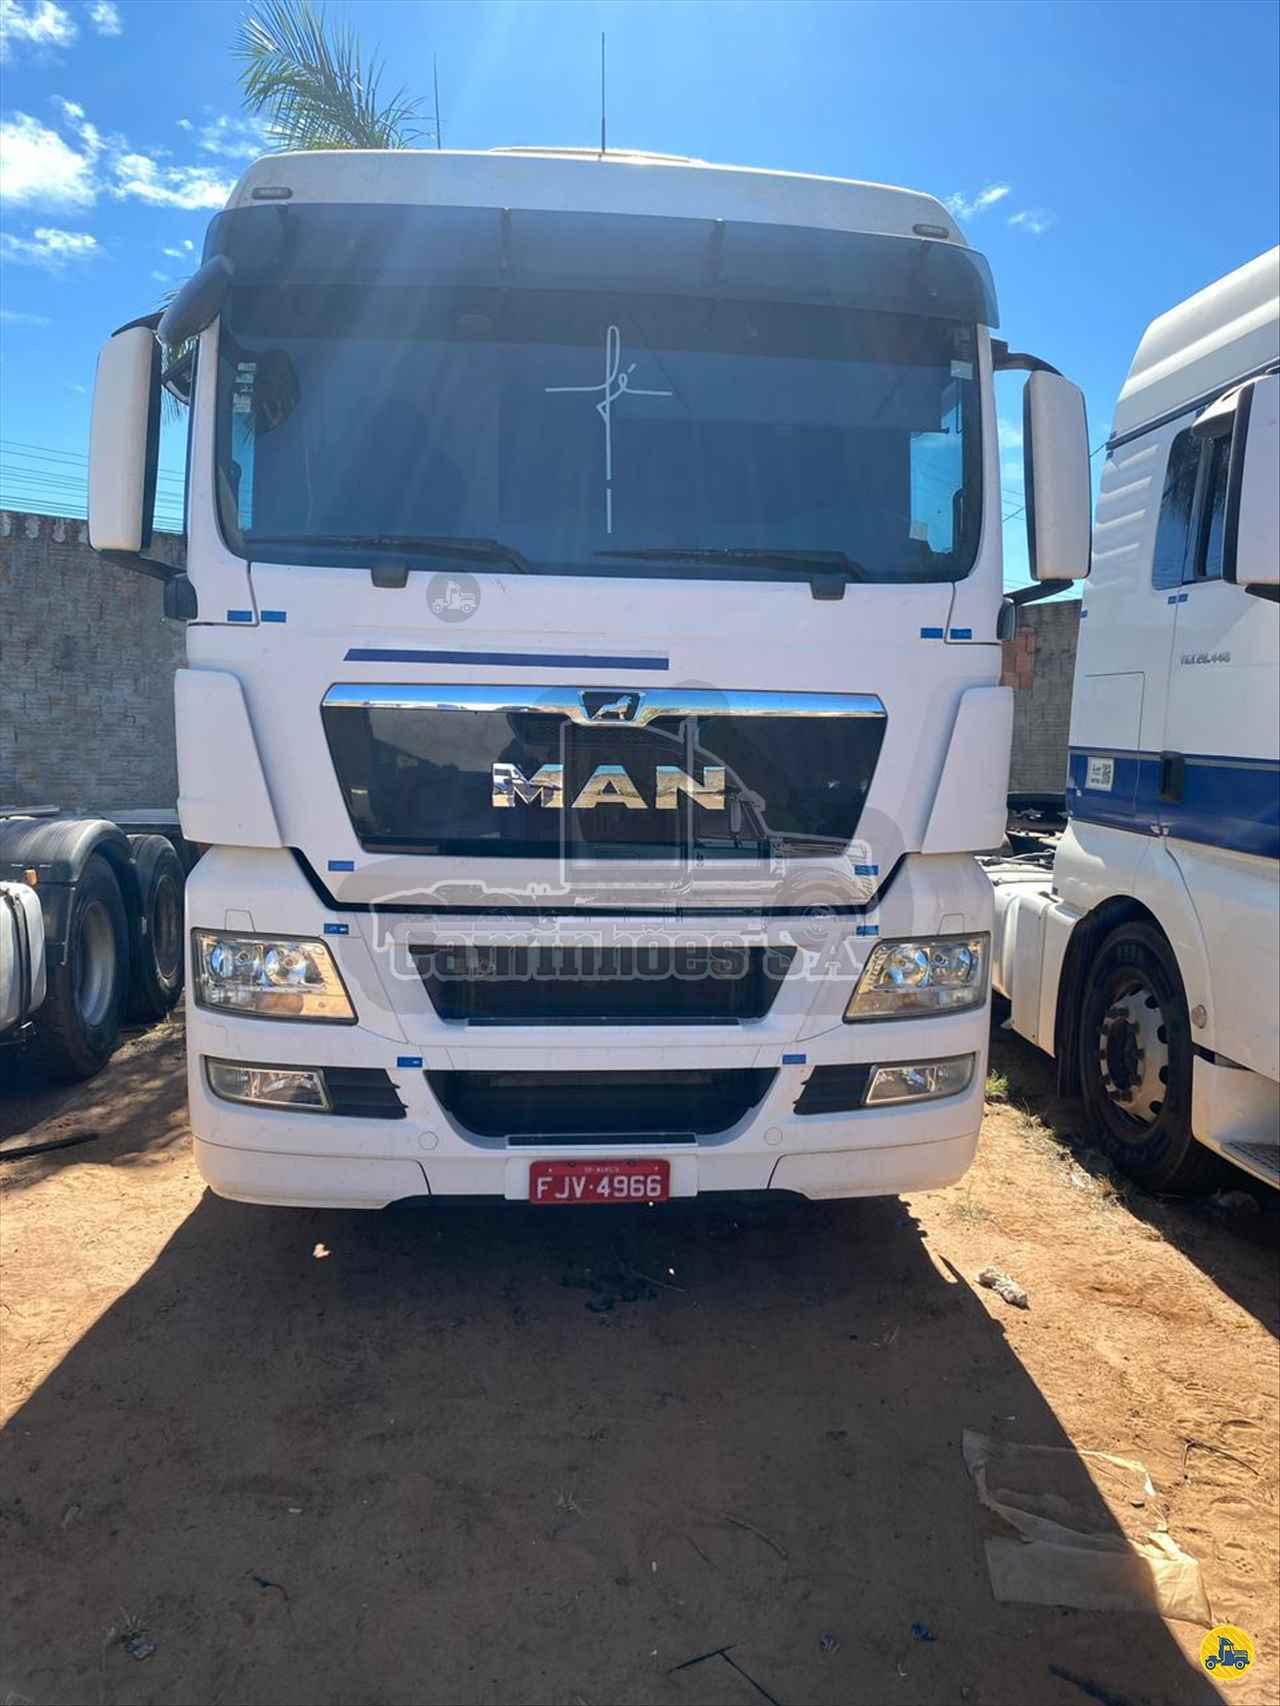 CAMINHAO MAN TGX 28 440 Cavalo Mecânico Truck 6x2 Caminhões SA VOTORANTIM SÃO PAULO SP